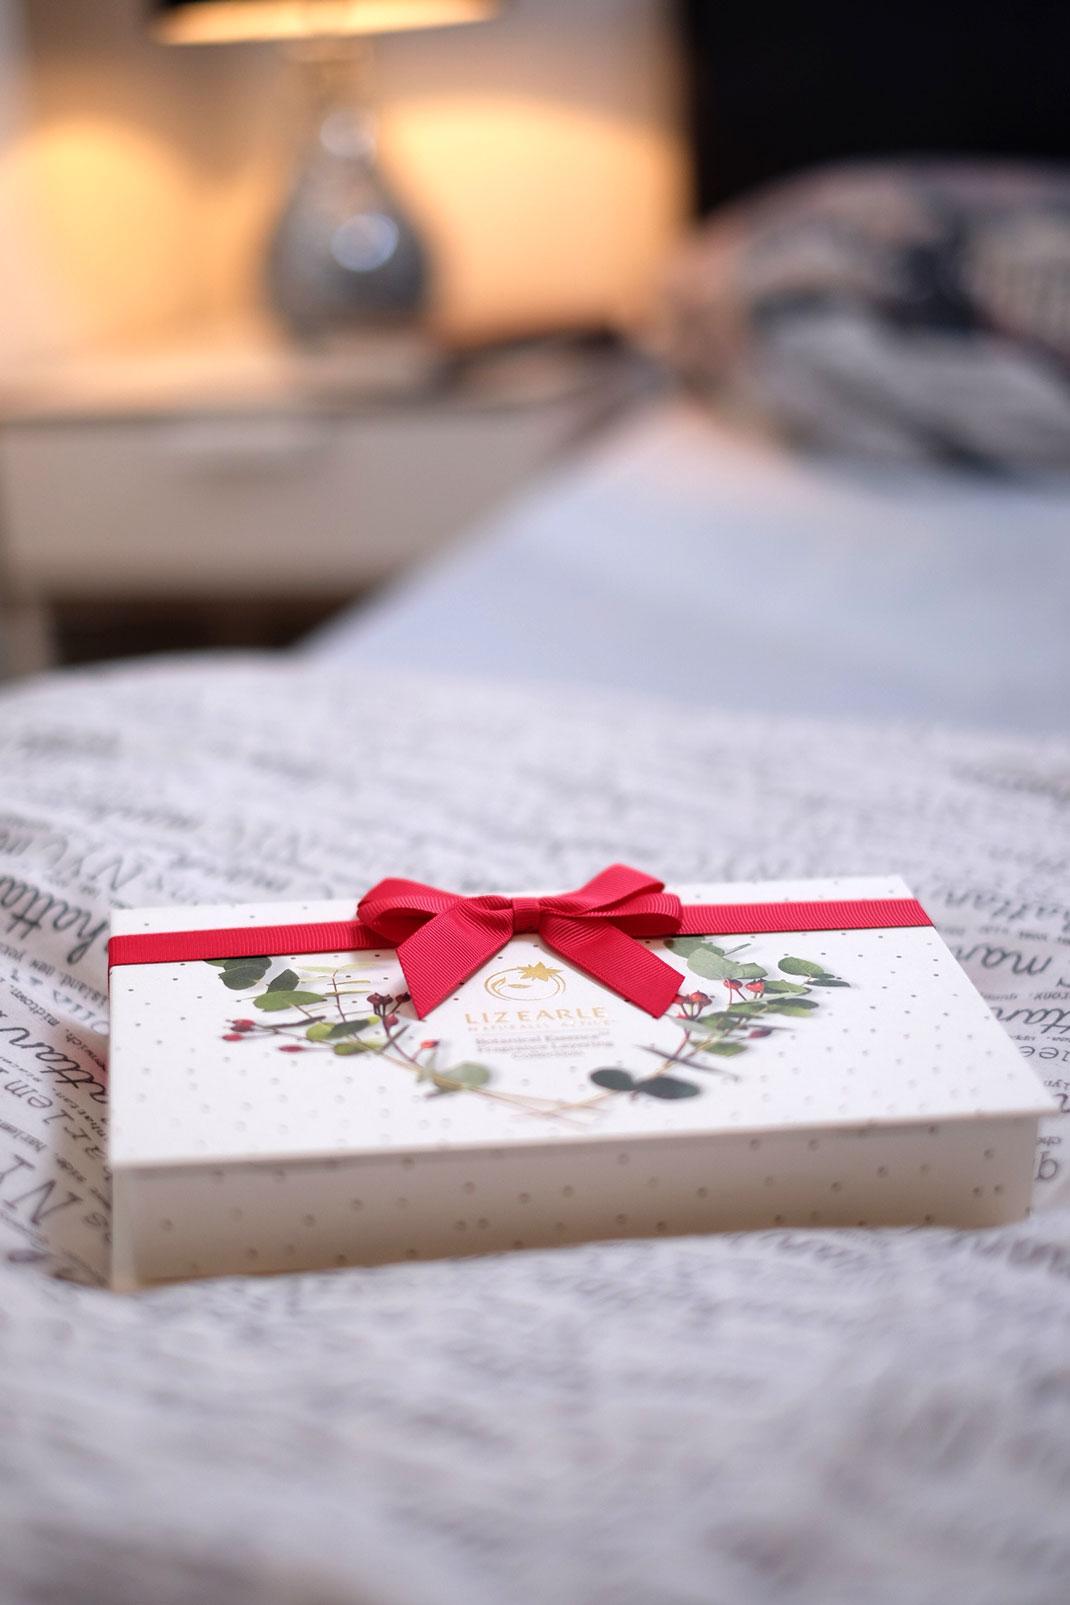 Liz Earle perfume gift set